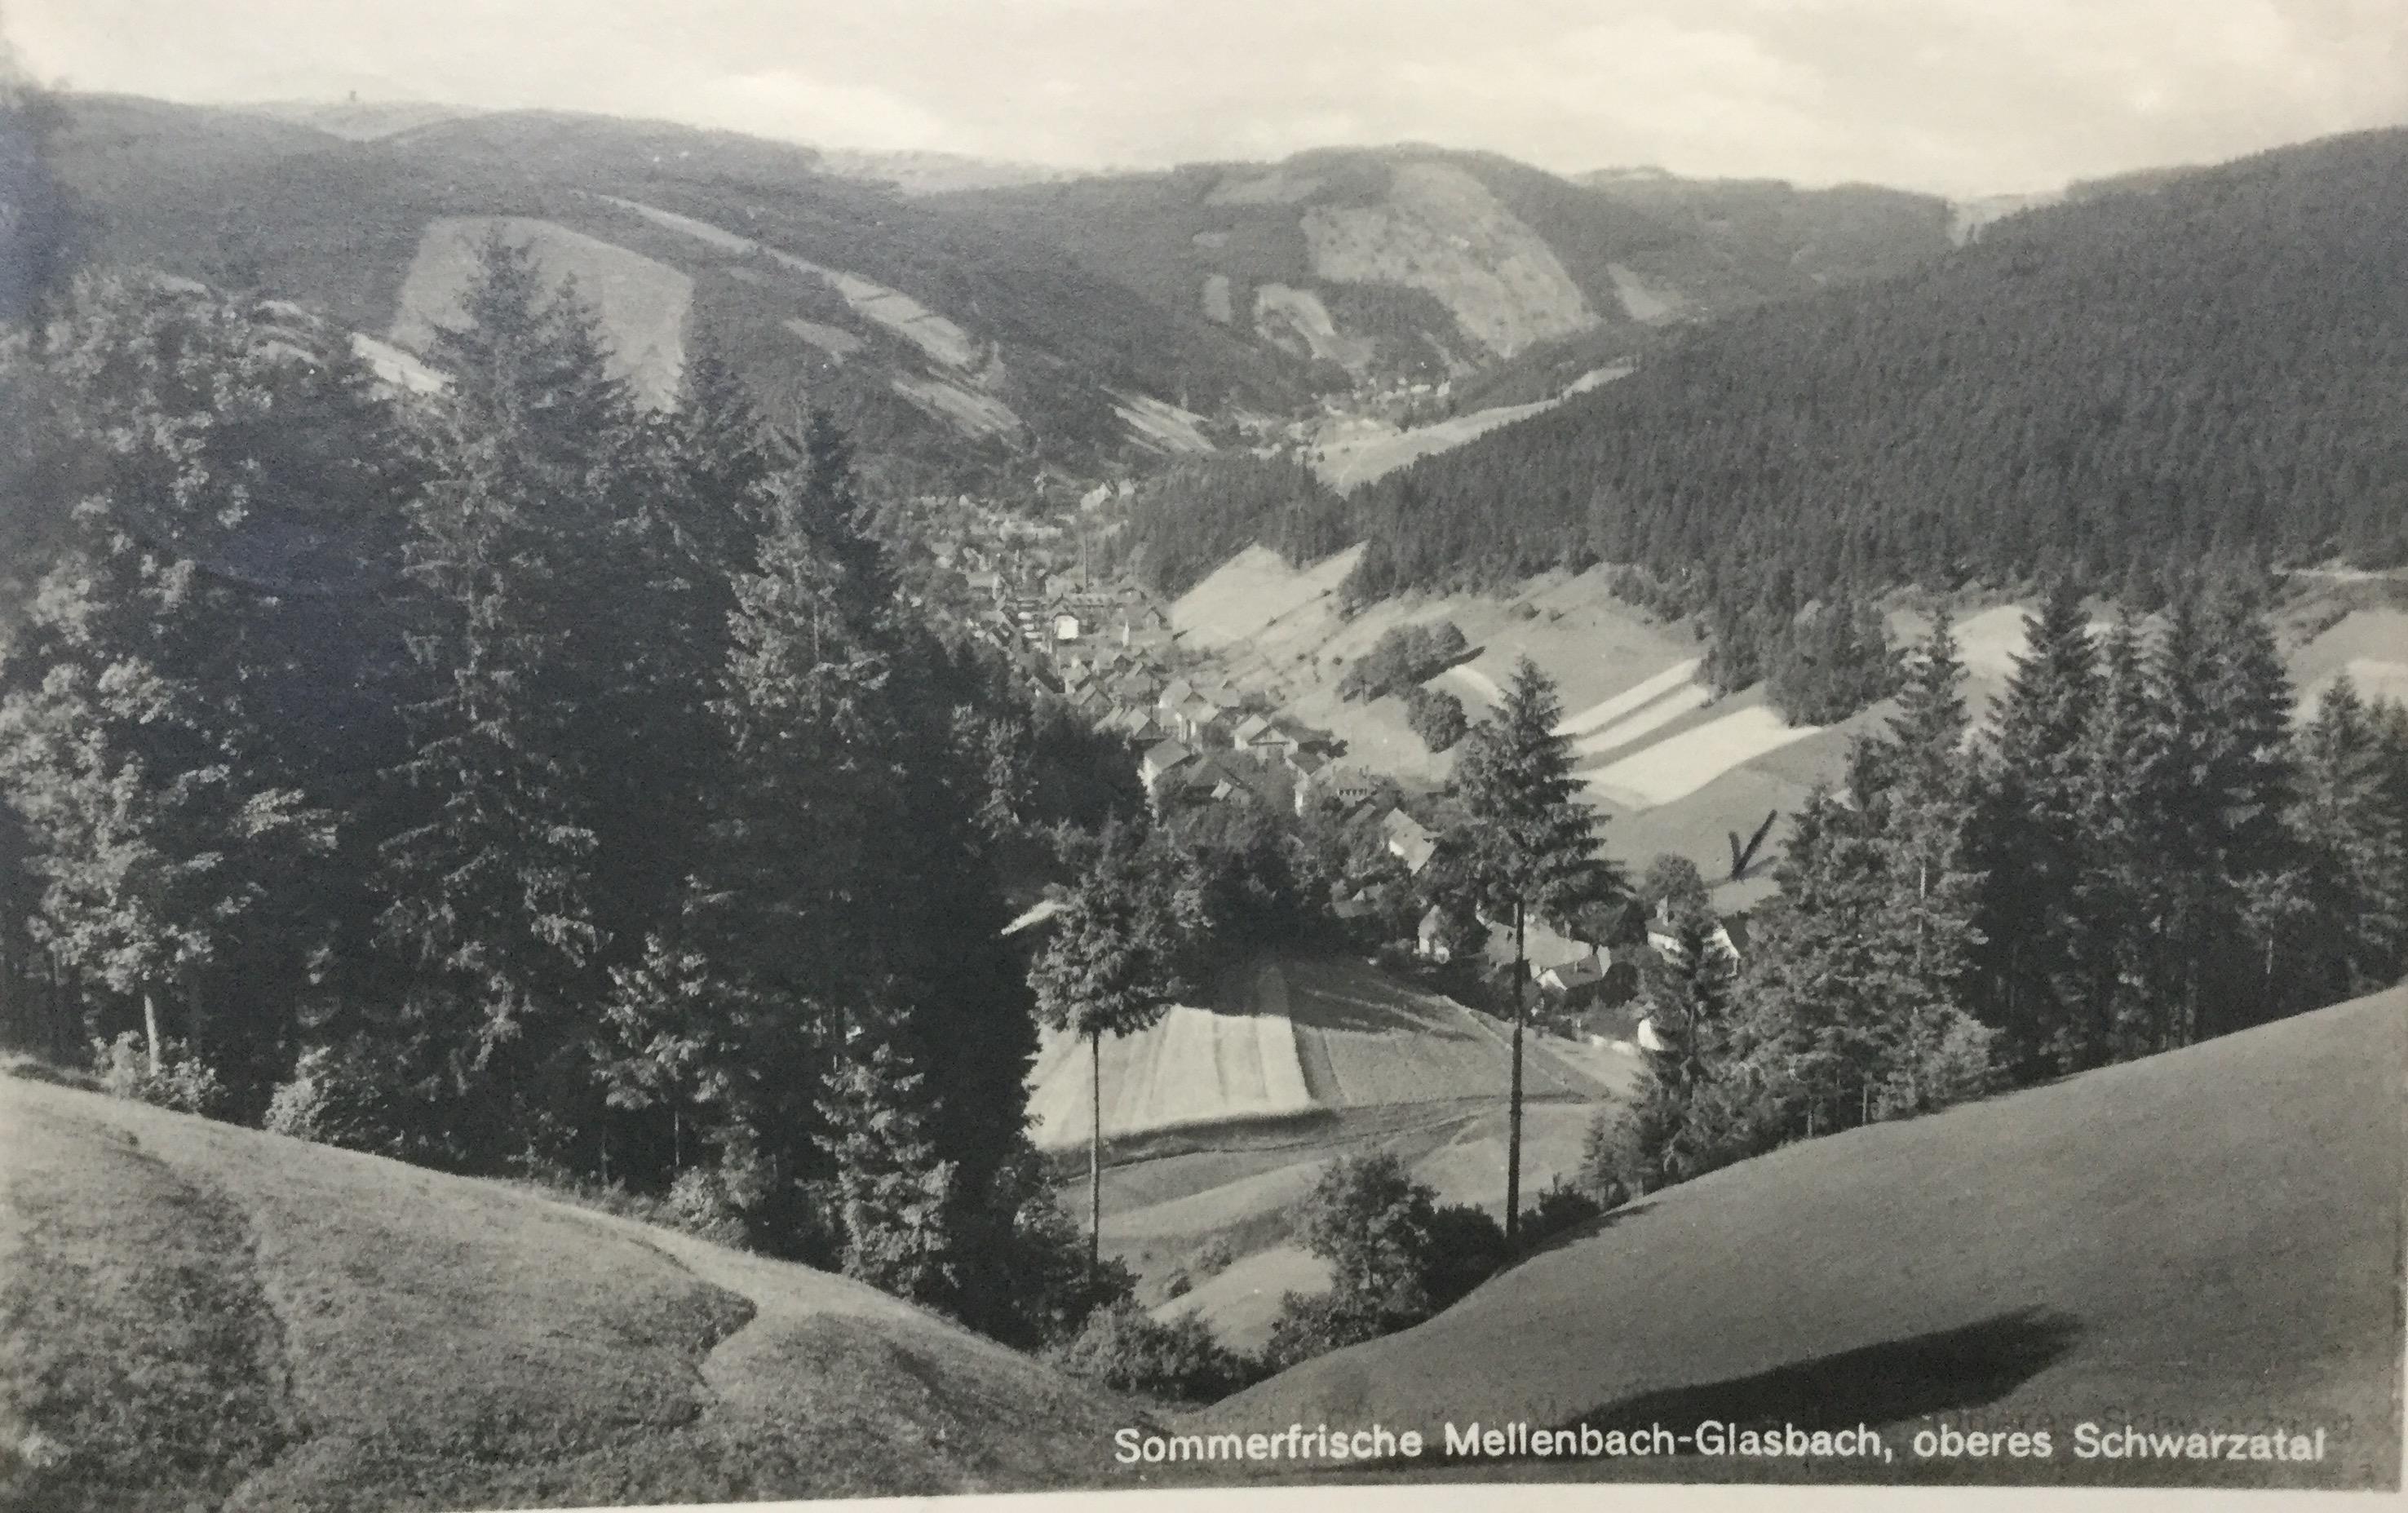 Mellenbach